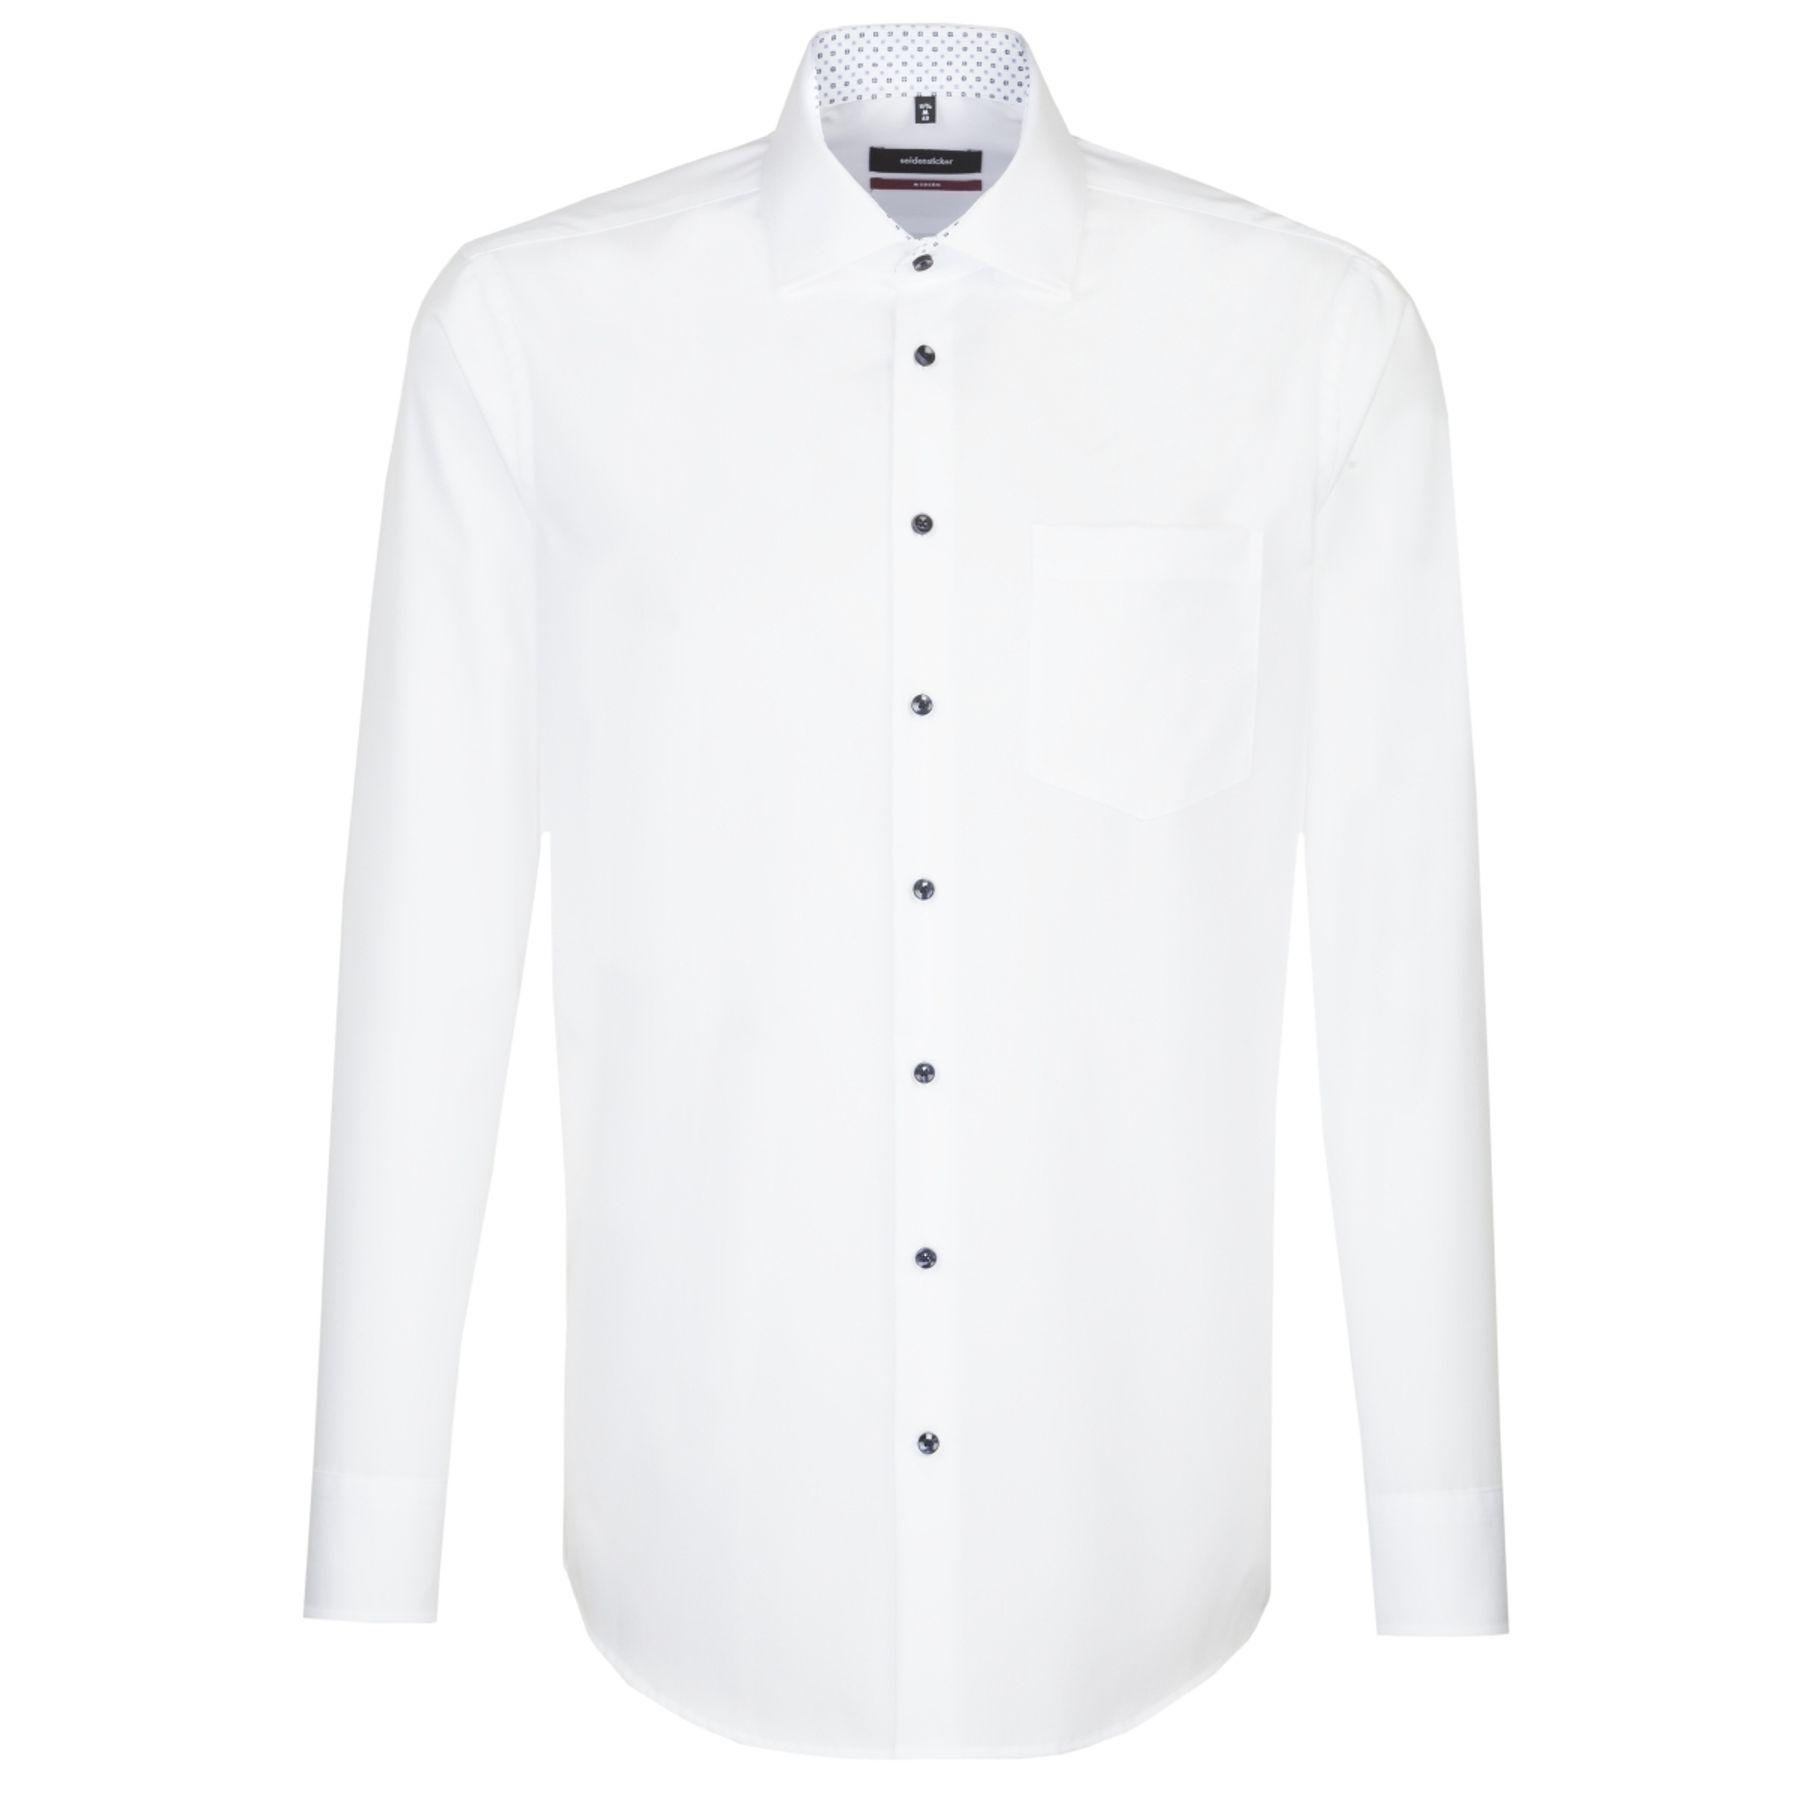 Seidensticker - Herren Hemd, Bügelfrei, Modern, Schwarze Rose mit Kent Kragen in Weiß (01.115950) – Bild 1